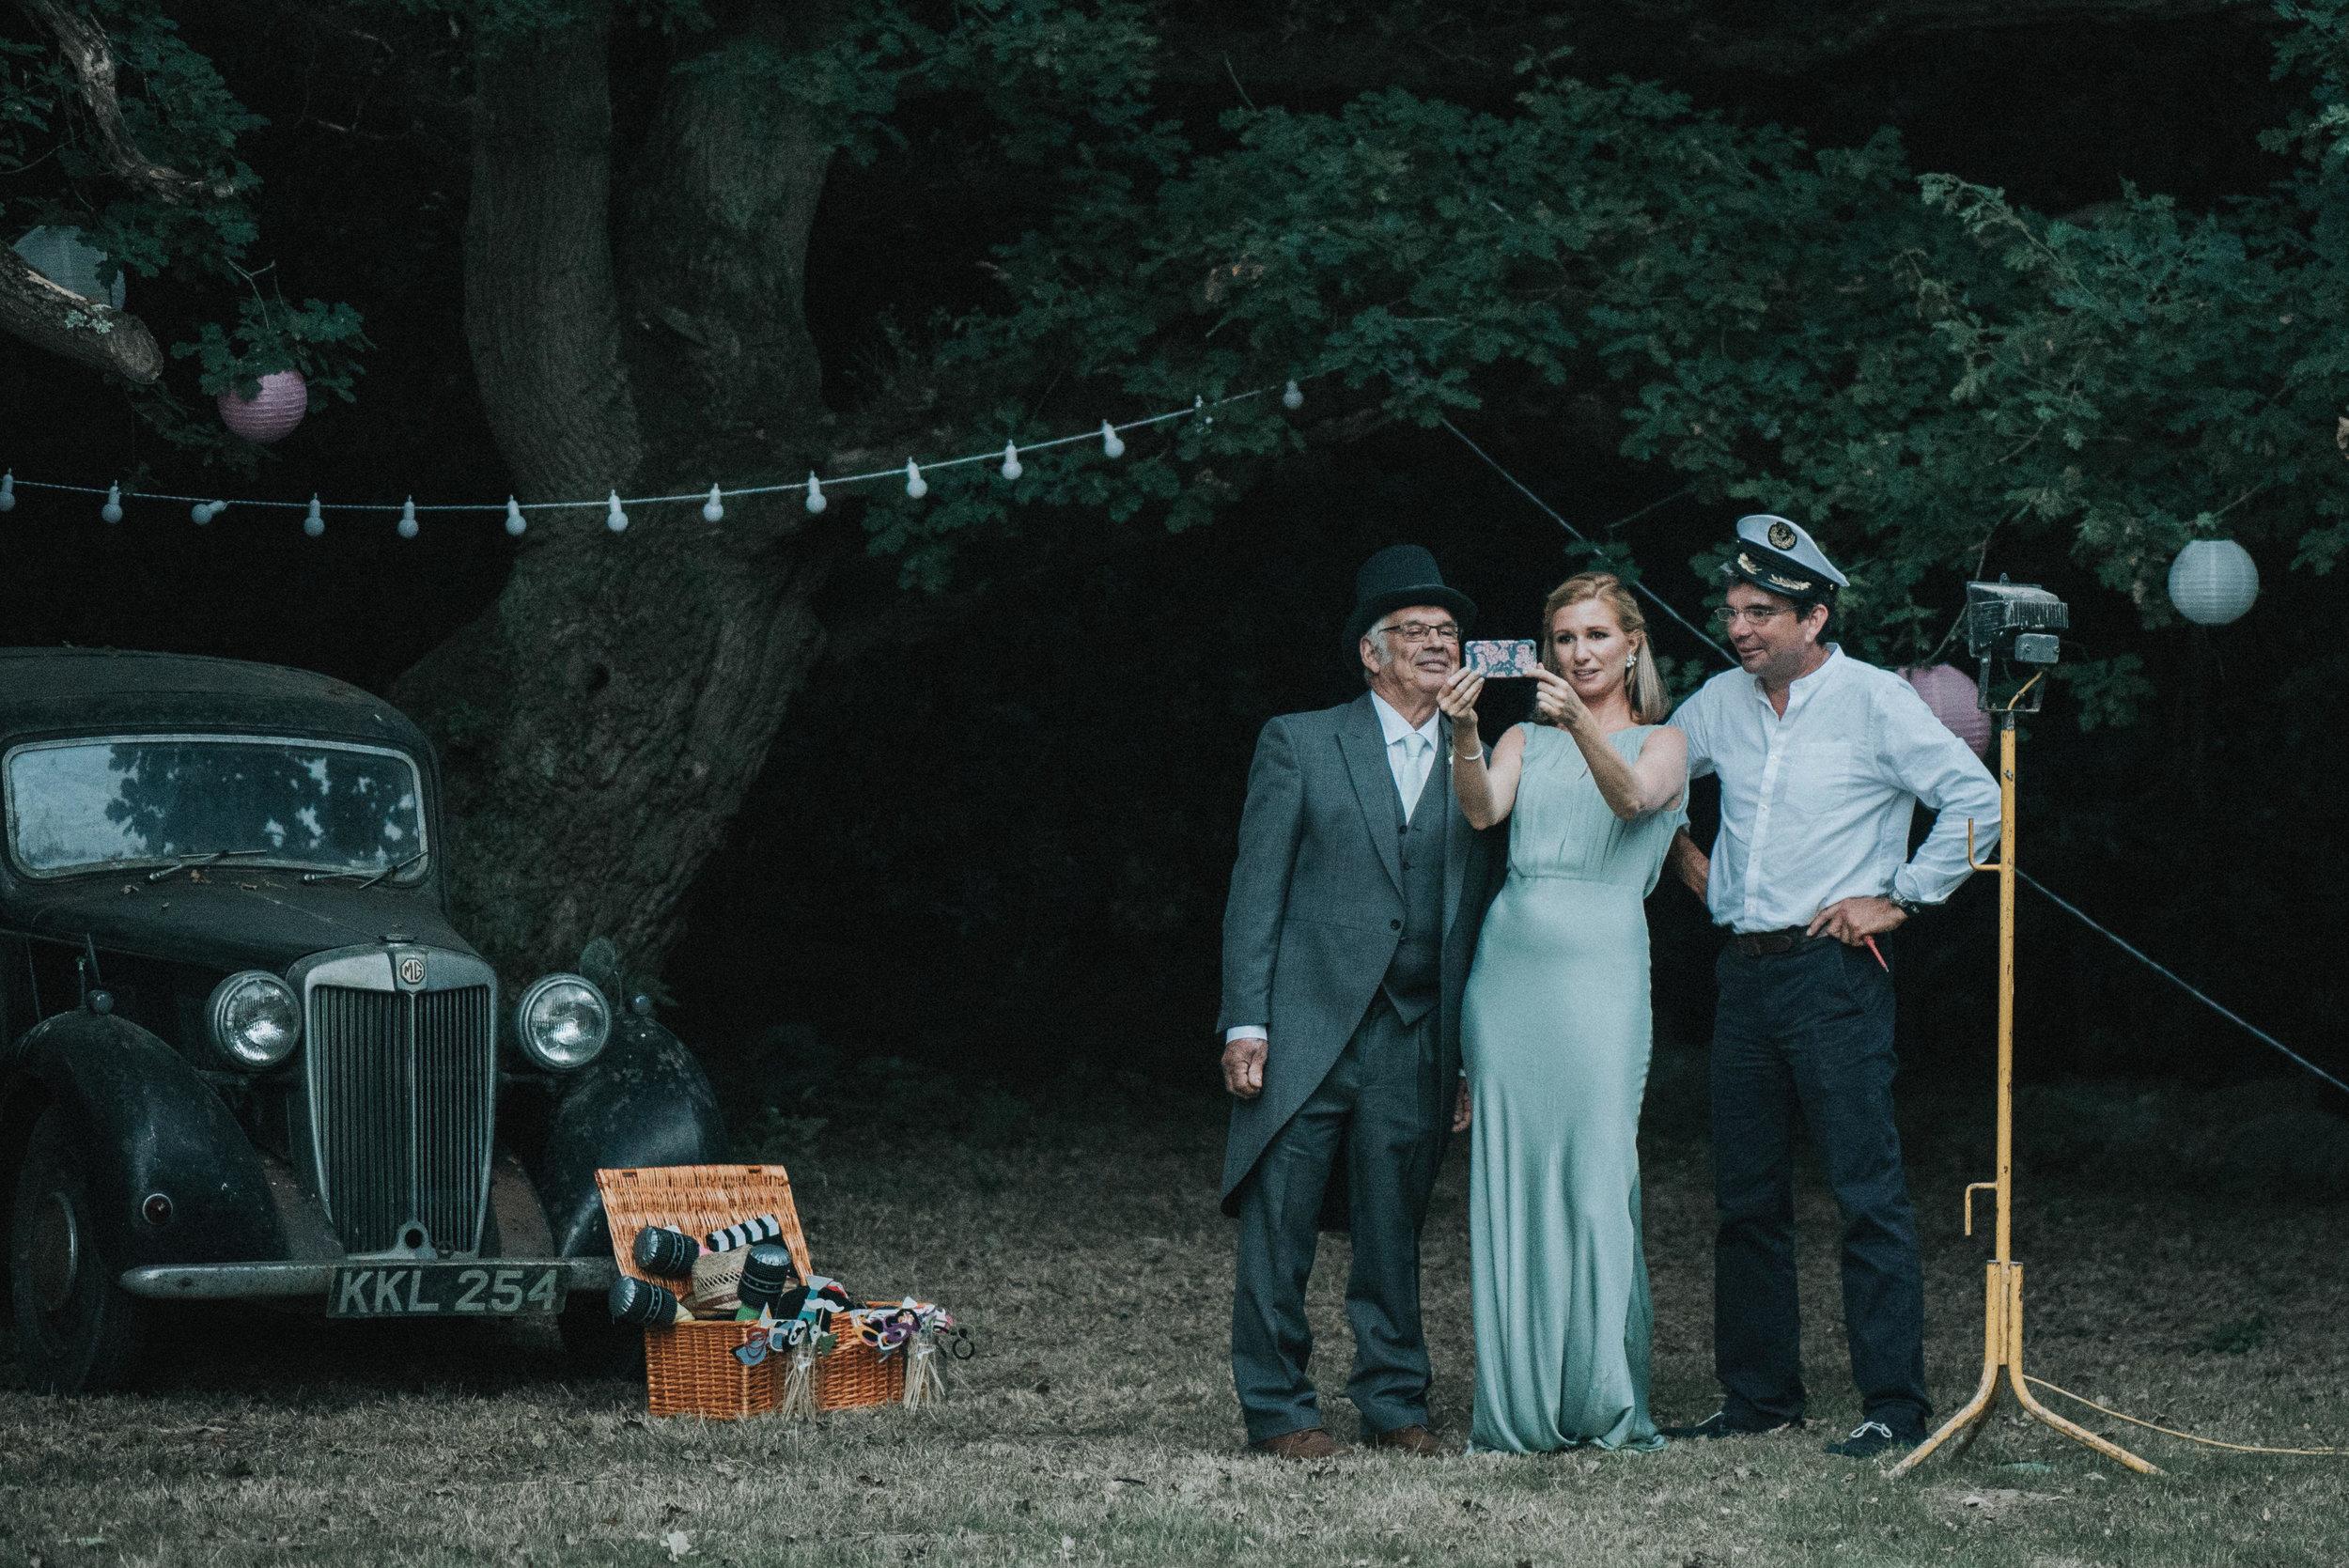 festival-farm-wedding-163.jpg